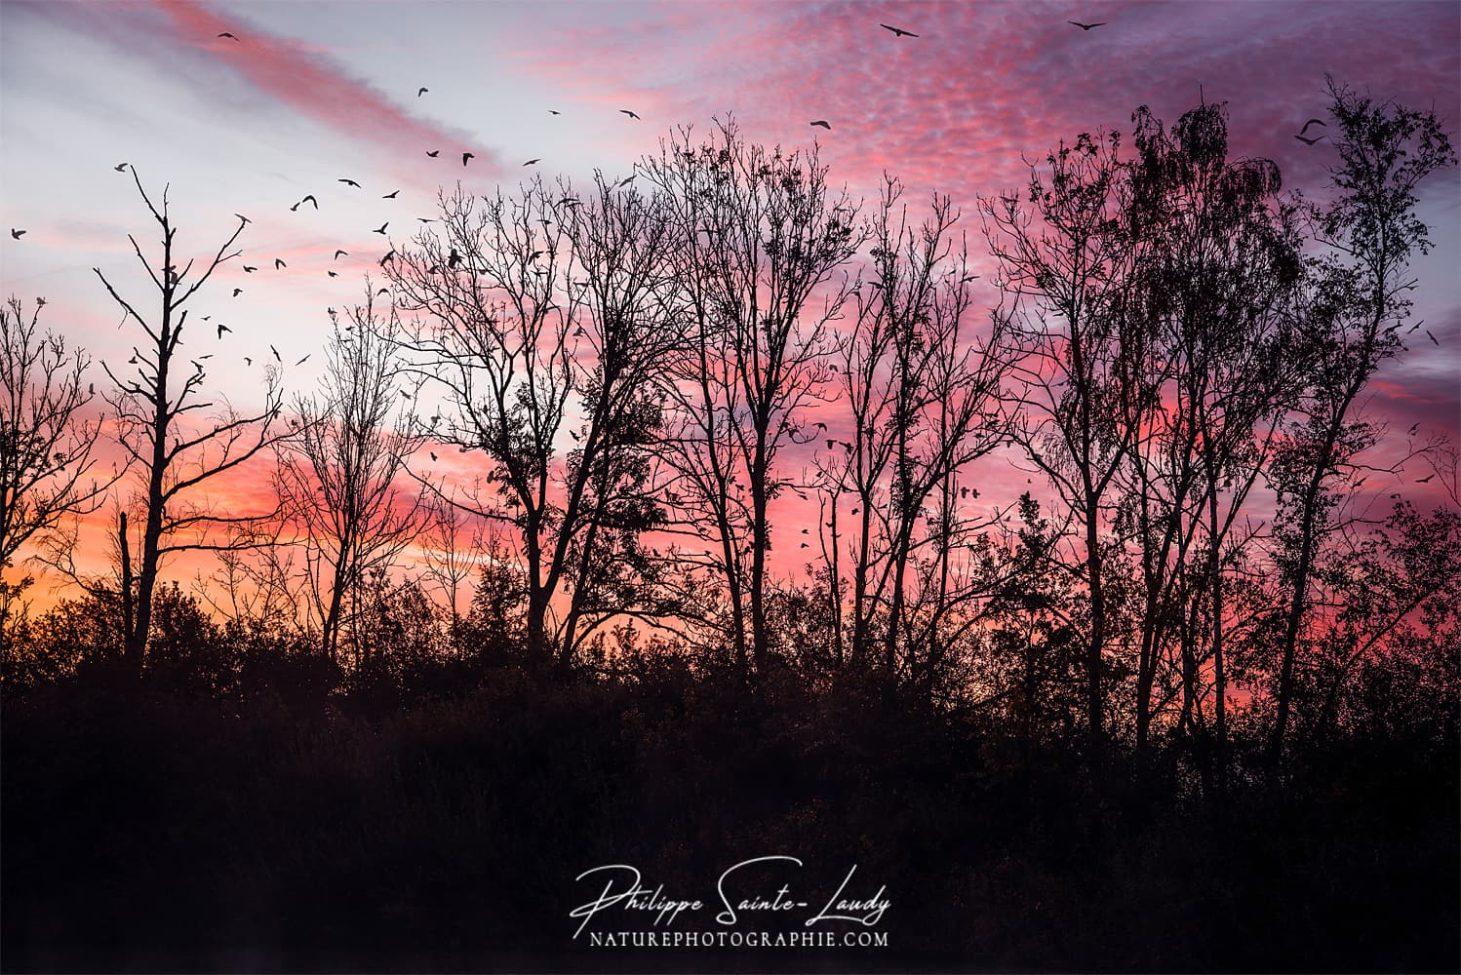 Vols d'oiseaux entre couchers de soleil et rangée d'arbres